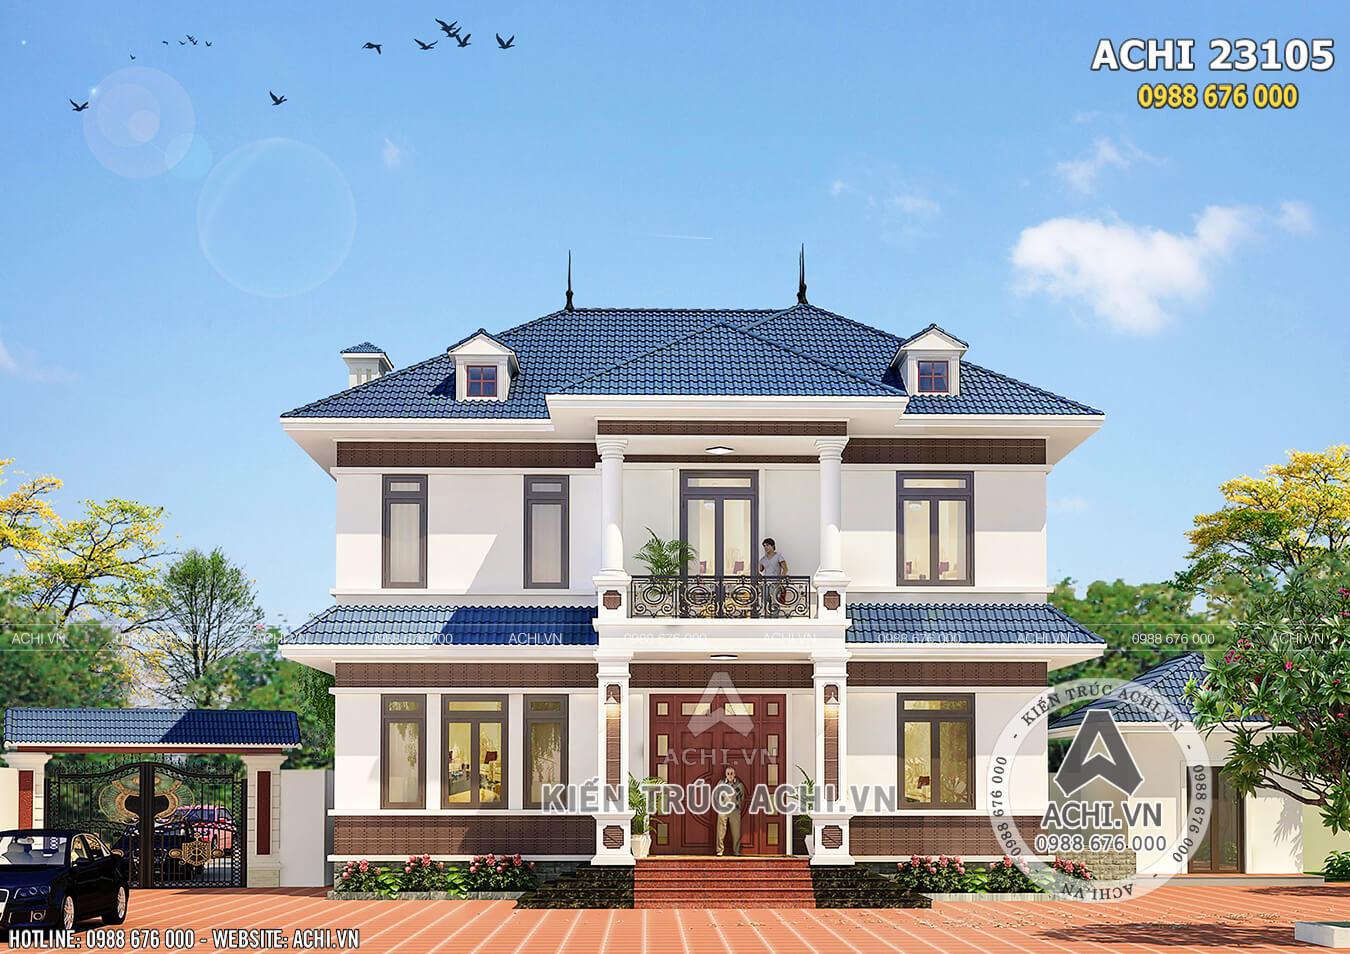 Hình ảnh: Mặt tiền mẫu biệt thự 2 tầng mái Thái đẹp – Mã số: ACHI 23105